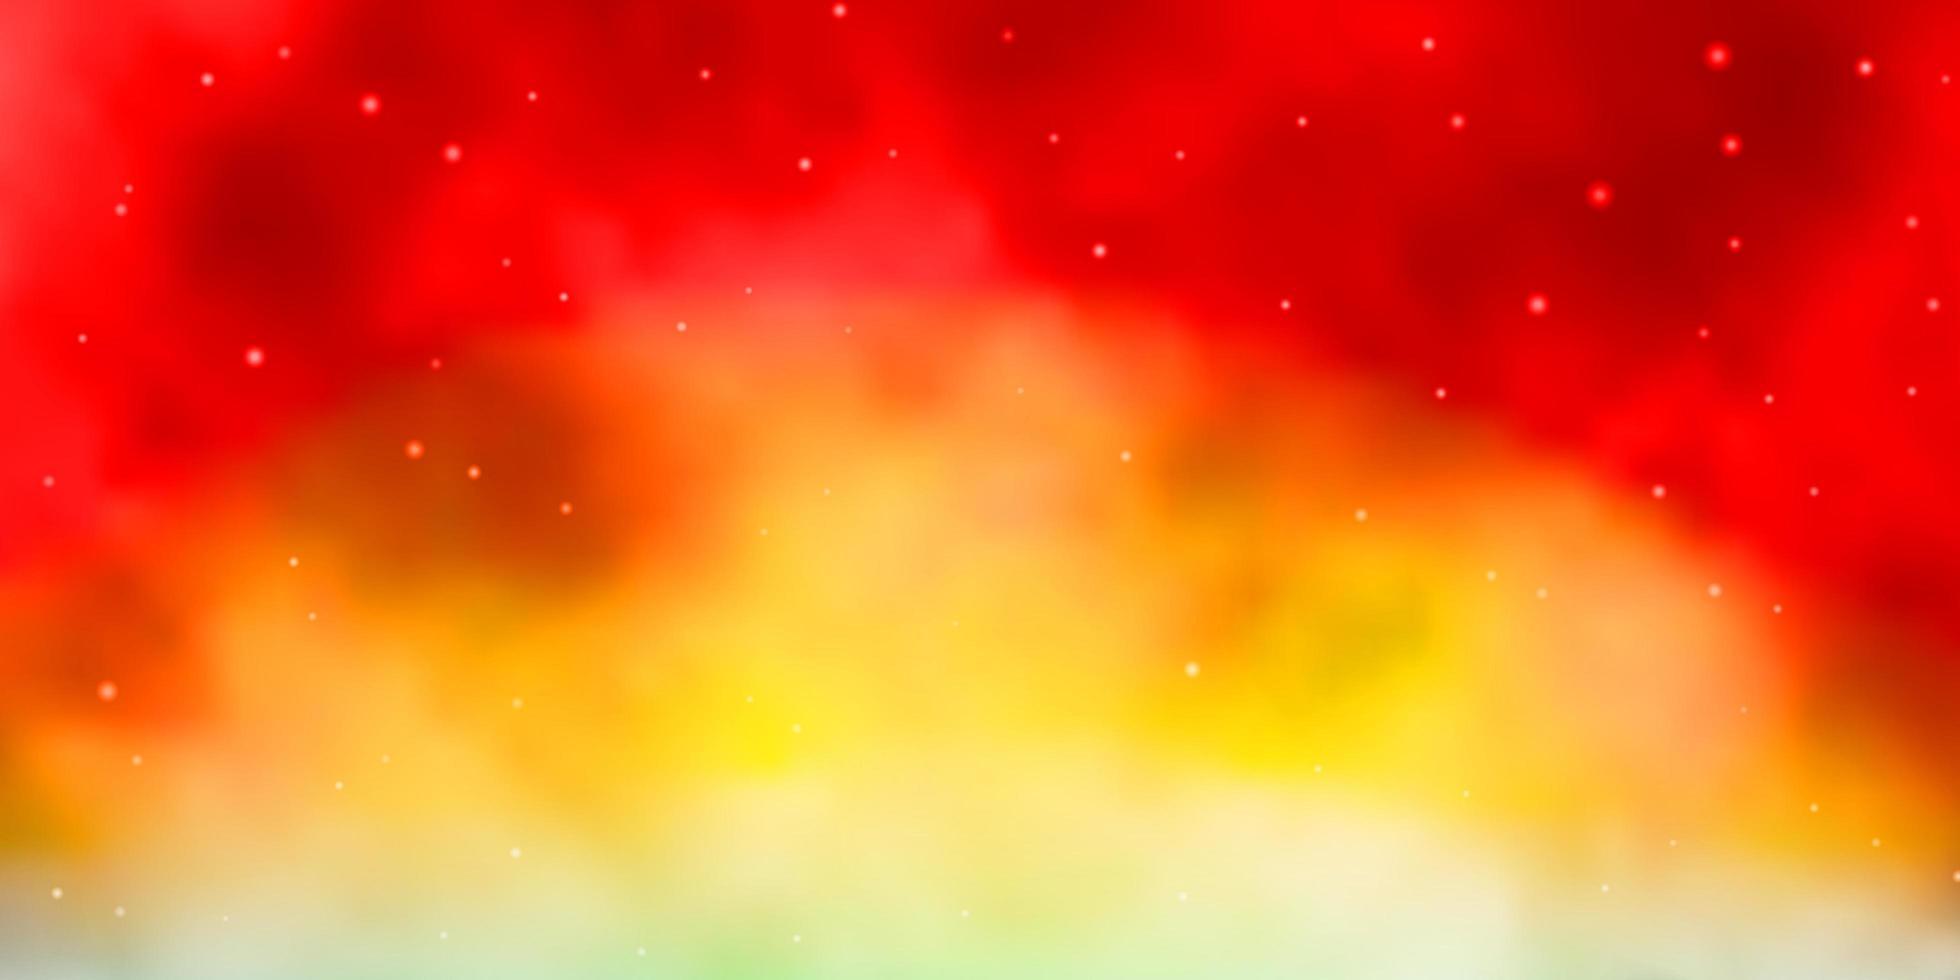 hellblauer, roter Vektorhintergrund mit kleinen und großen Sternen. vektor